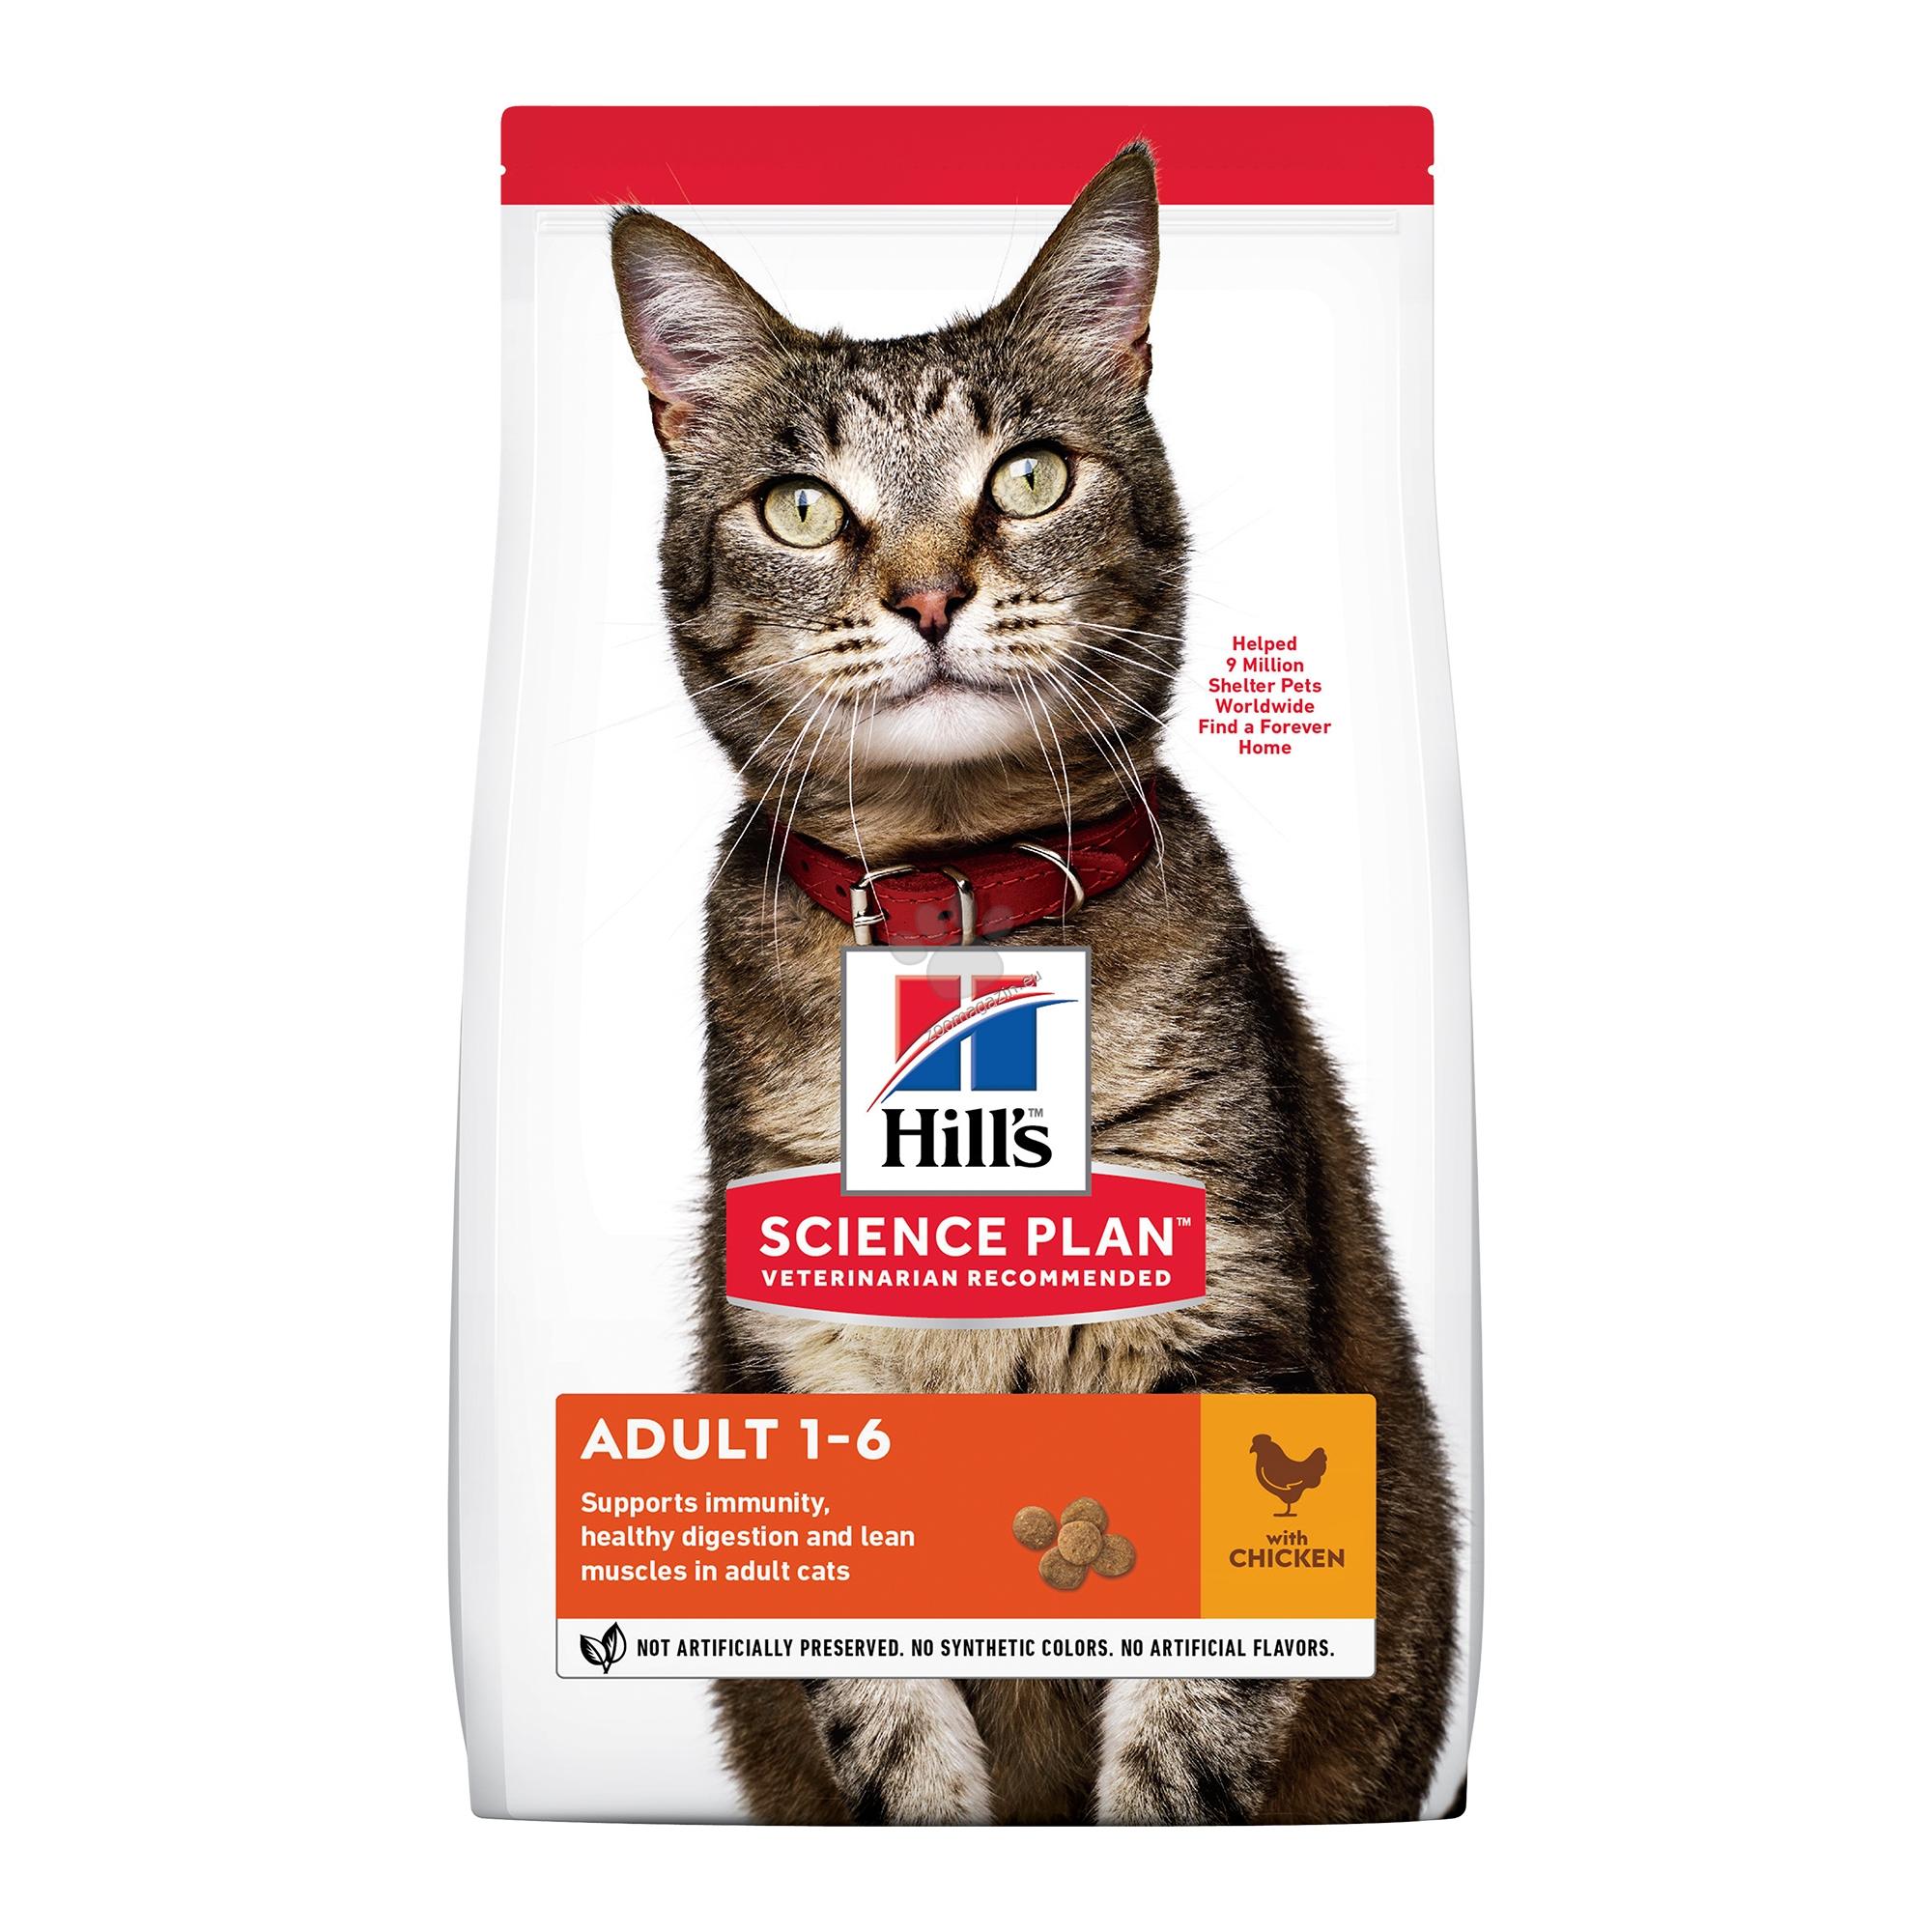 Hills - Science Plan Adult с пилешко - Суха храна за котки 1-6 години 1.5 кг. + ПОДАРЪК: 2 консерви Hill's Science Plan /1бр. с пилешко и 1бр. сьомга/